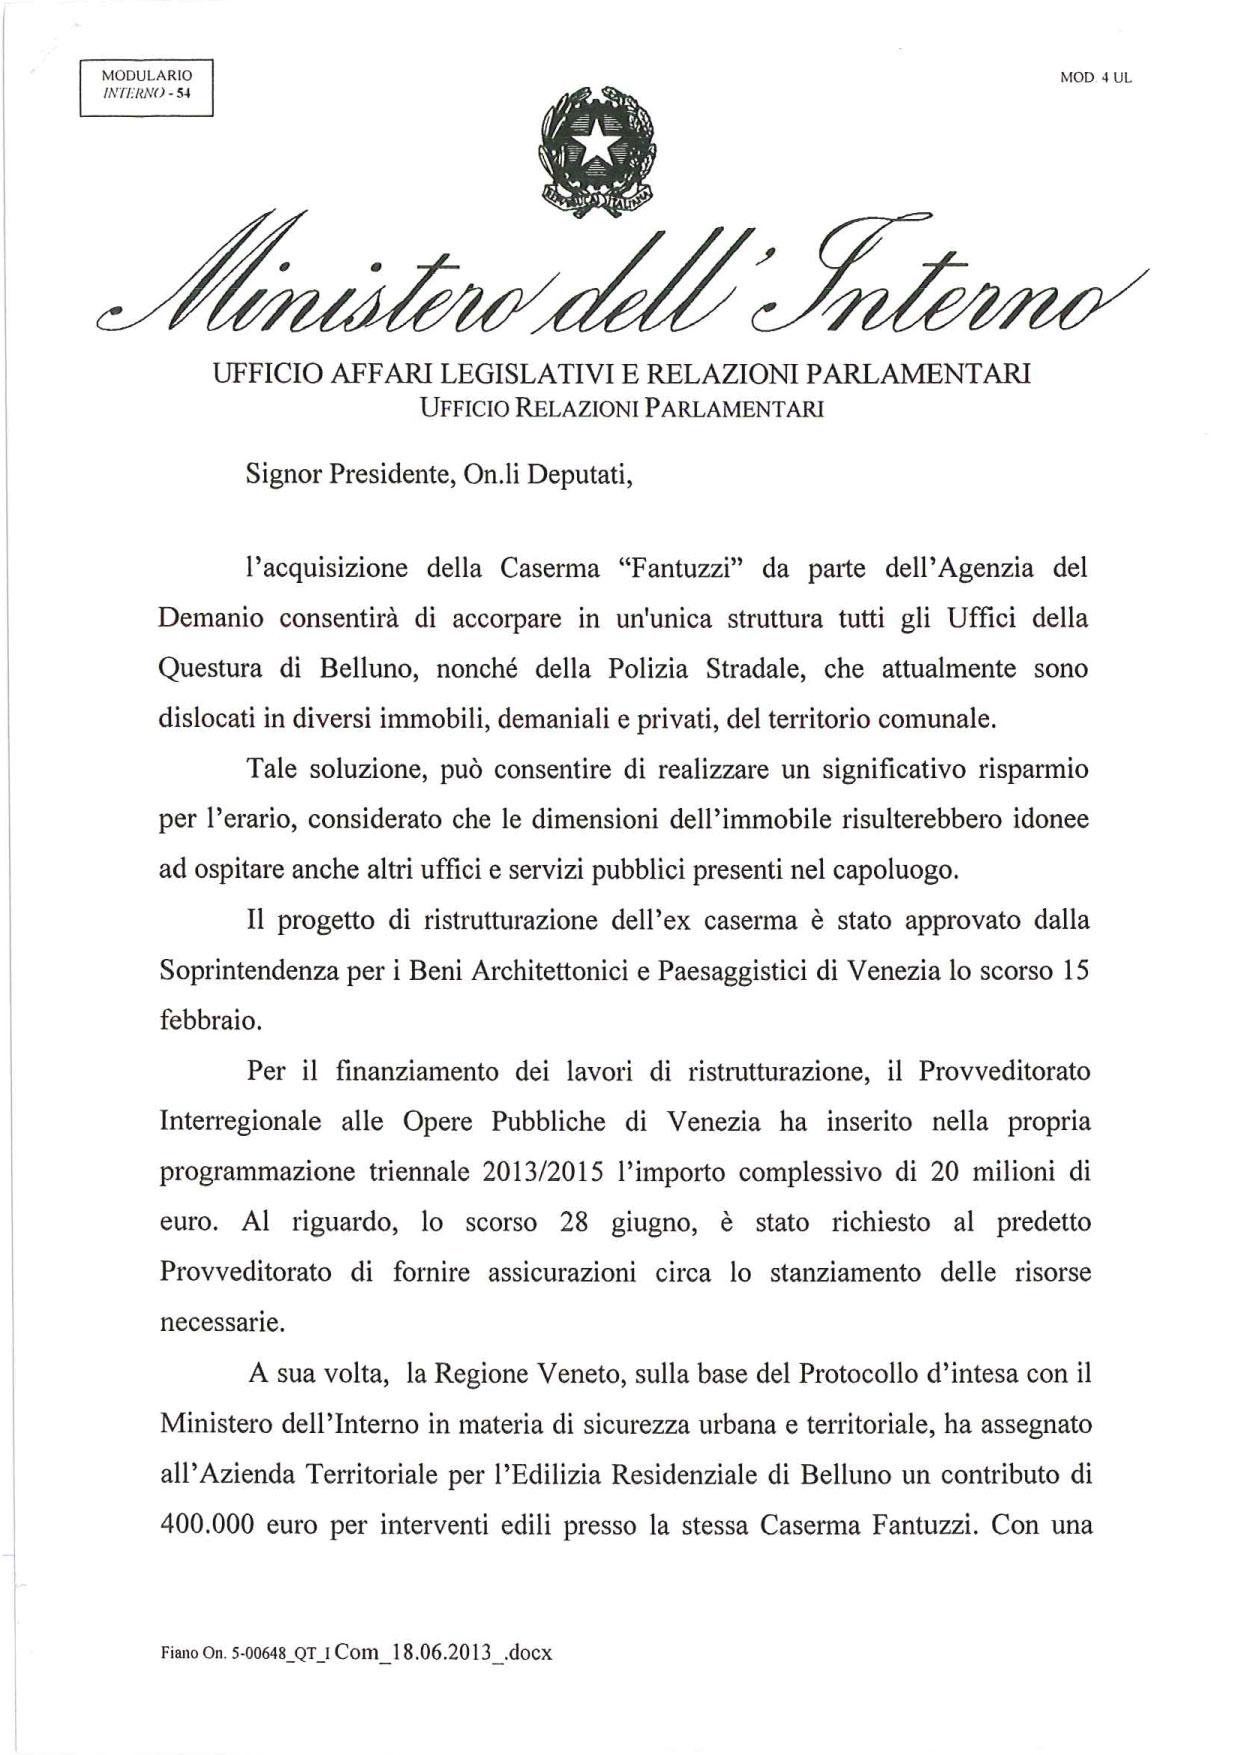 Risposta-MINISTERO-DELL'INTERNO-_-Caserma-Fantuzzi-1